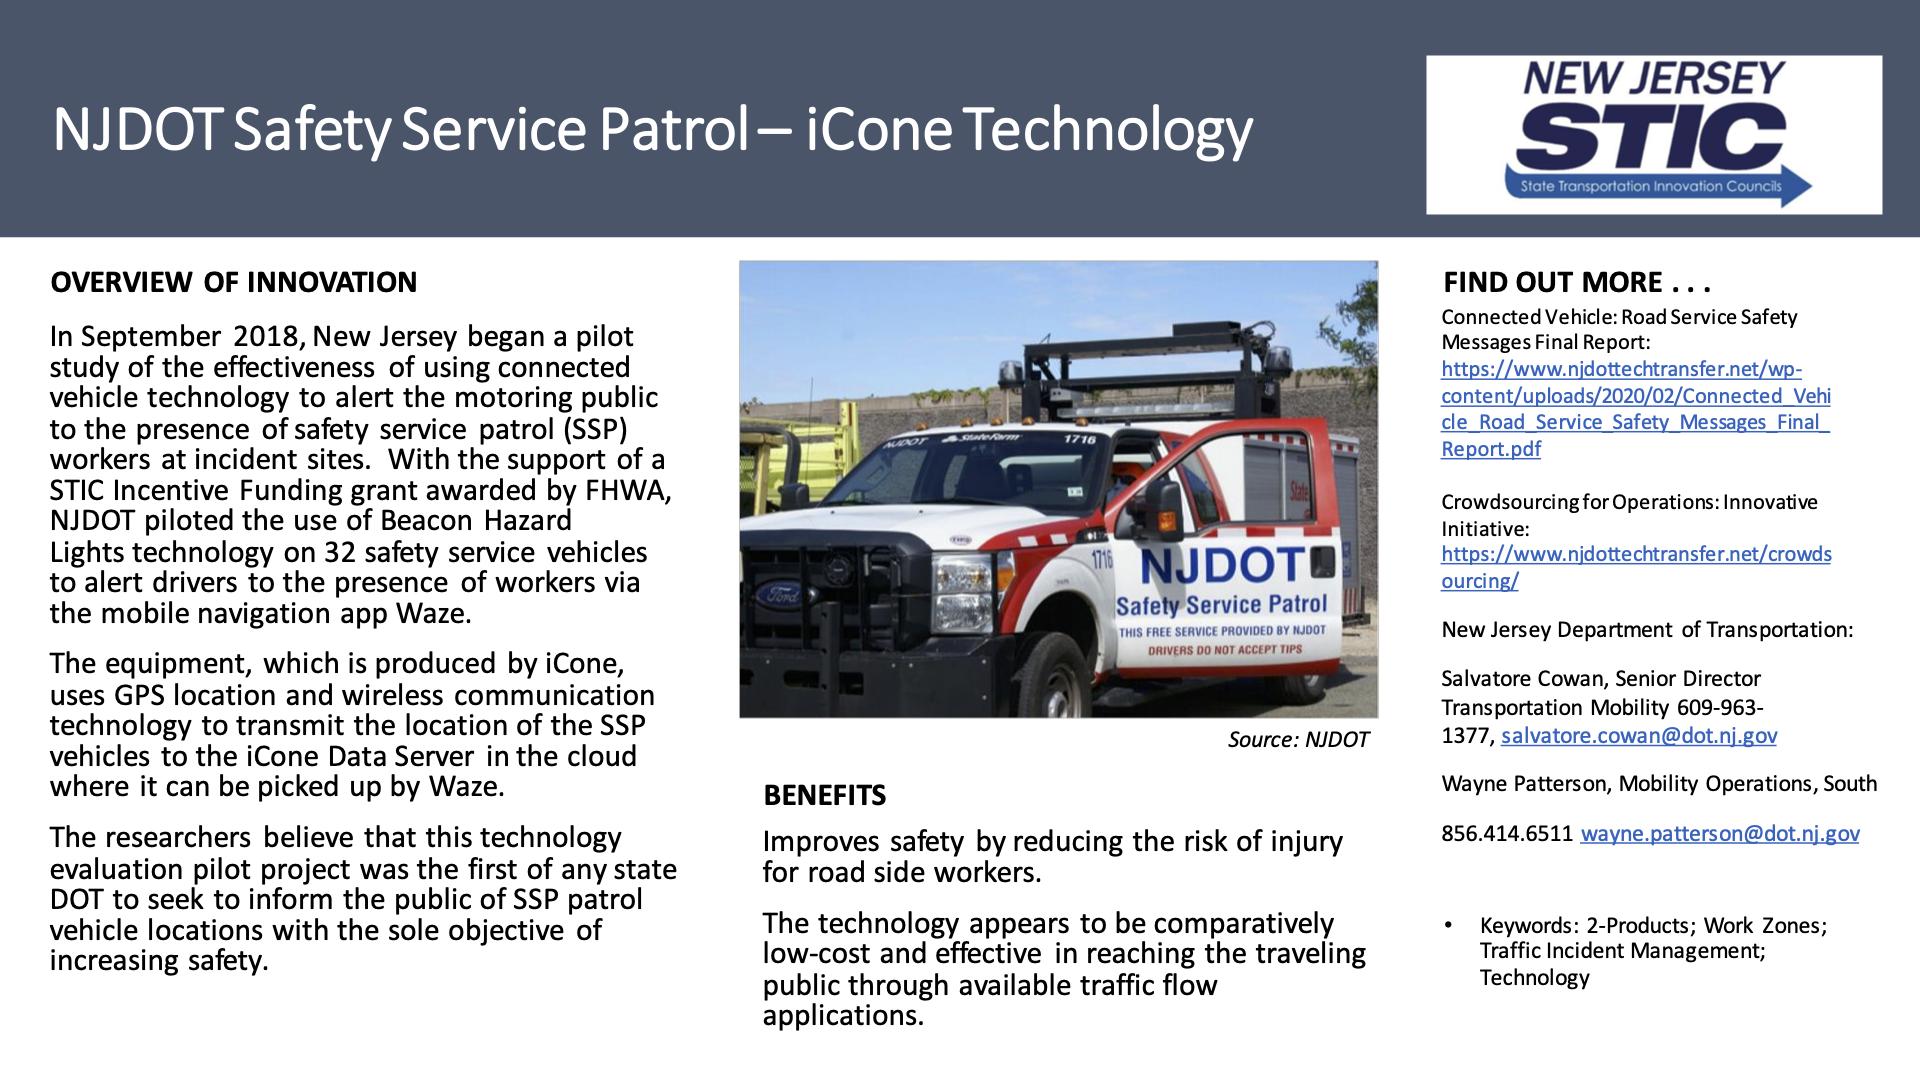 NJDOT Safety Service Patrol – iCone Technology